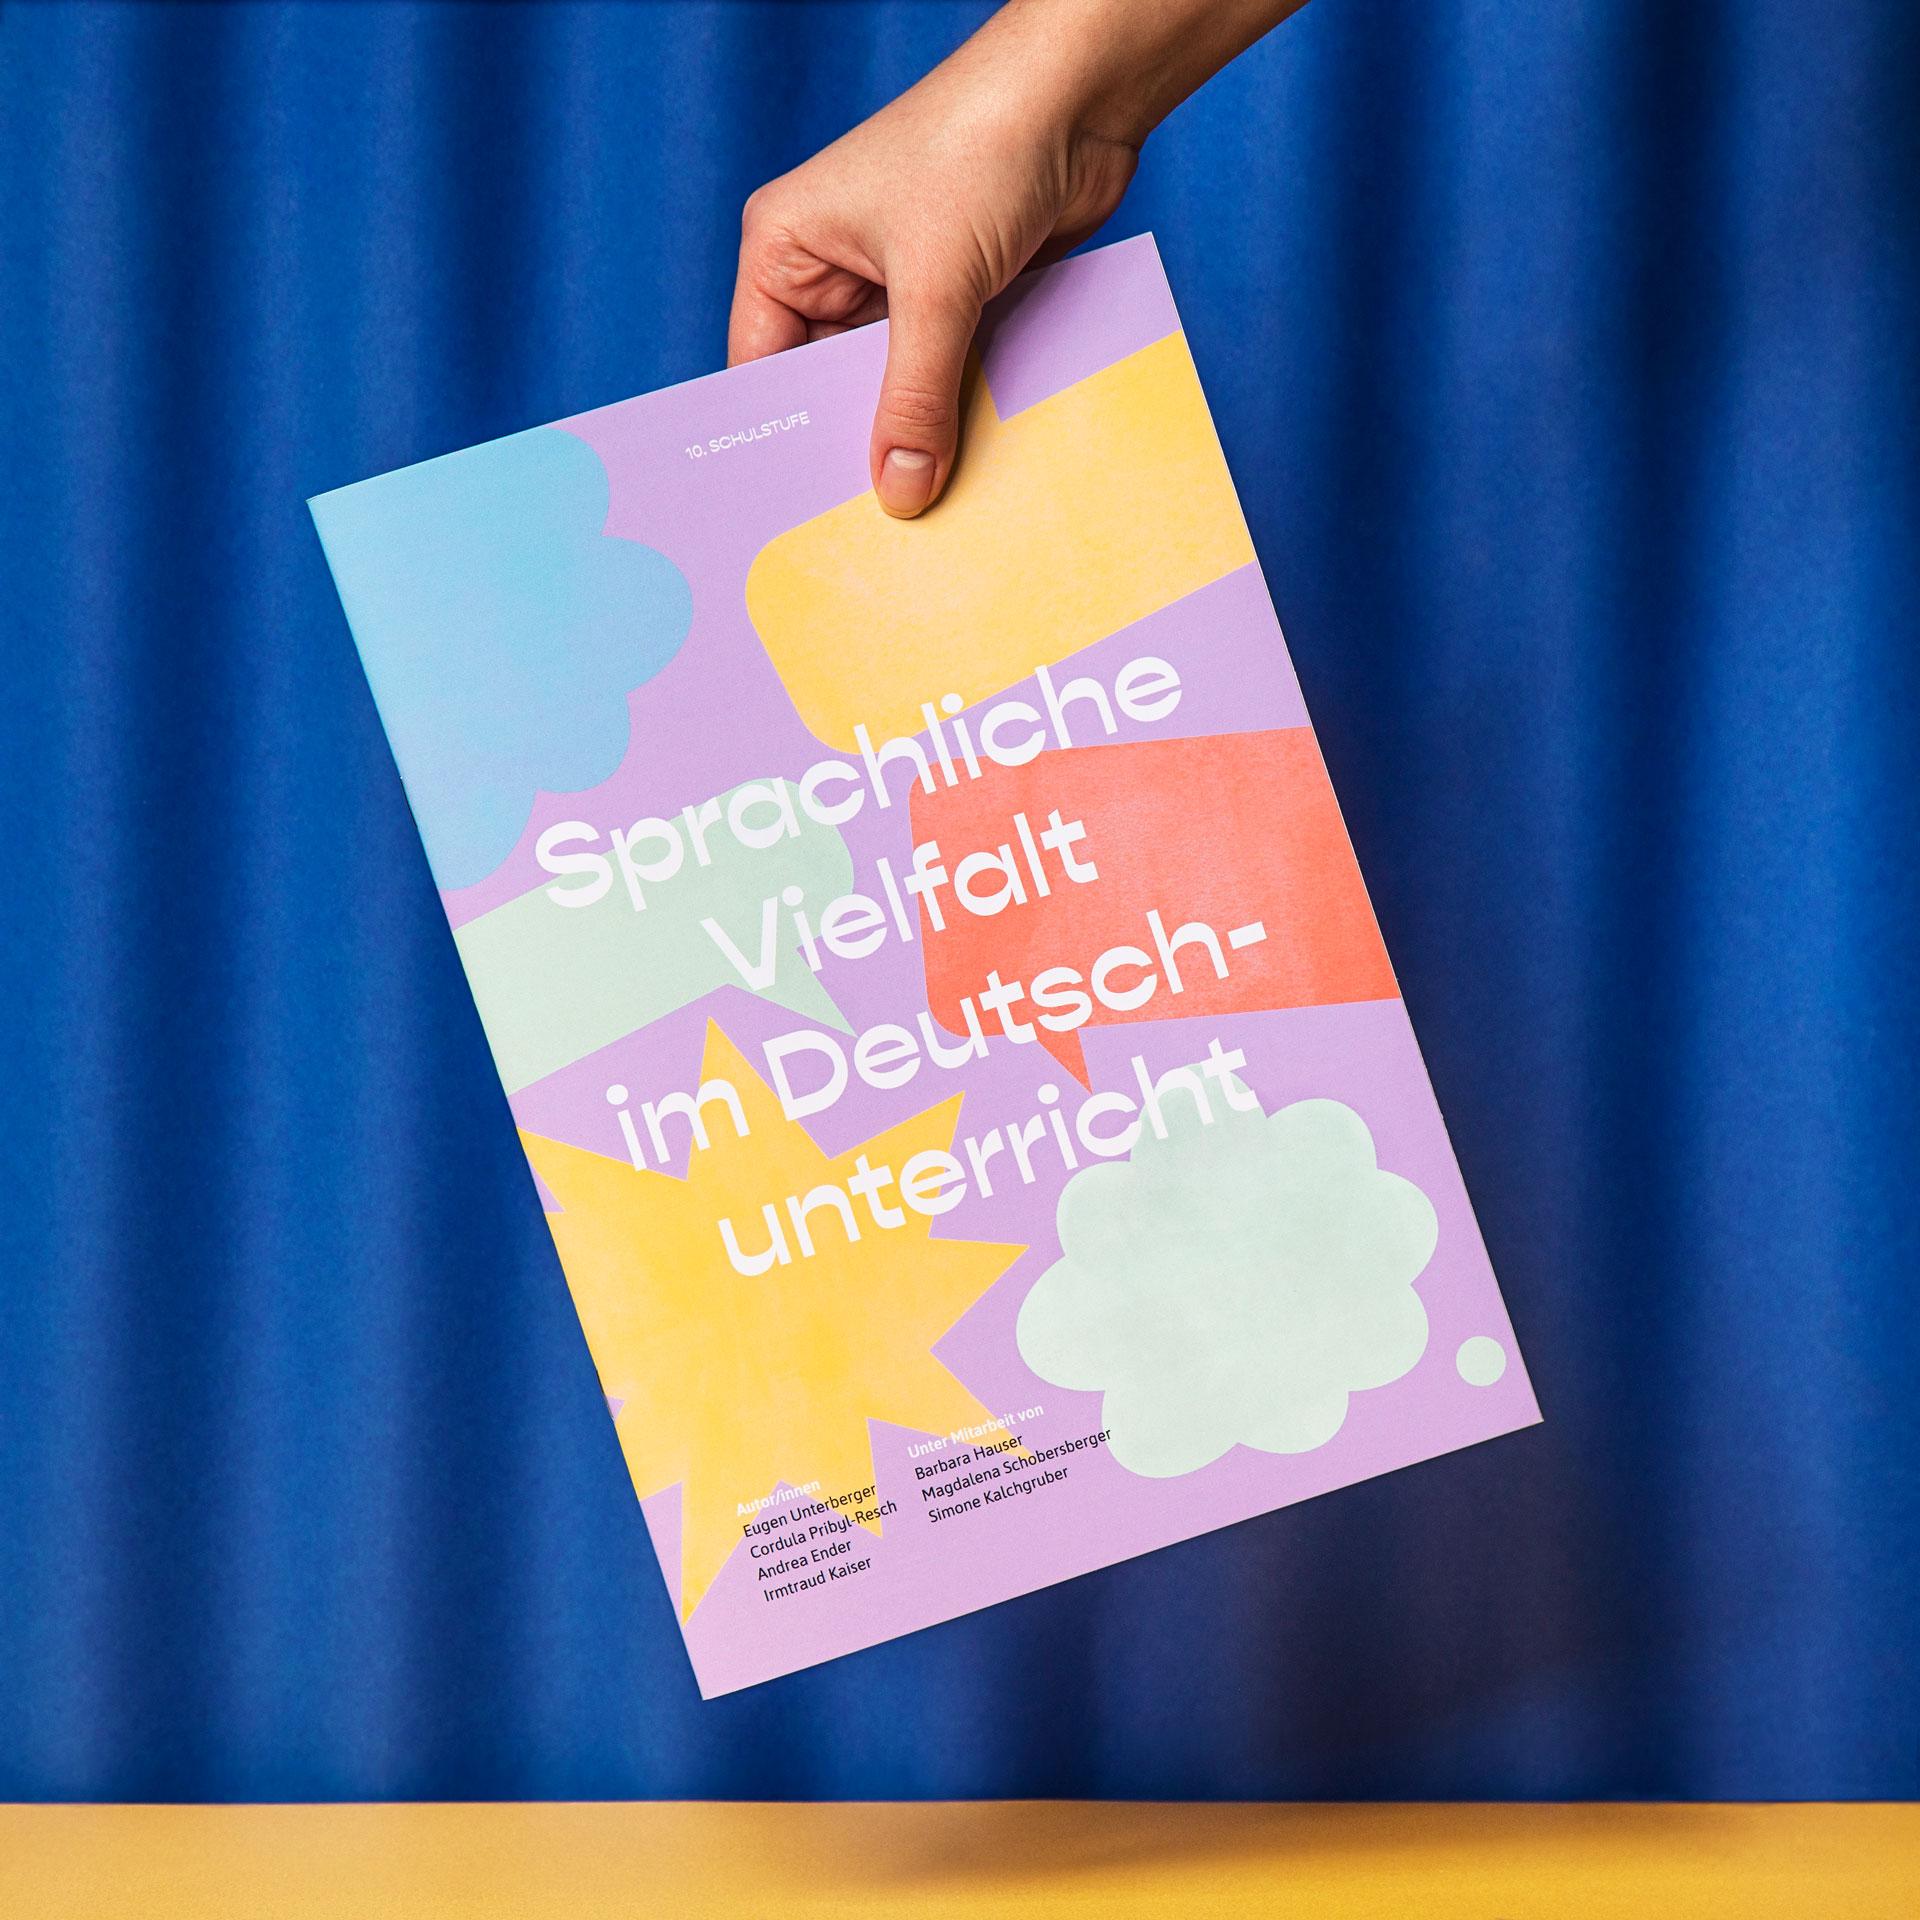 Universität Salzburg — Sprachliche Vielfalt im Deutschunterricht